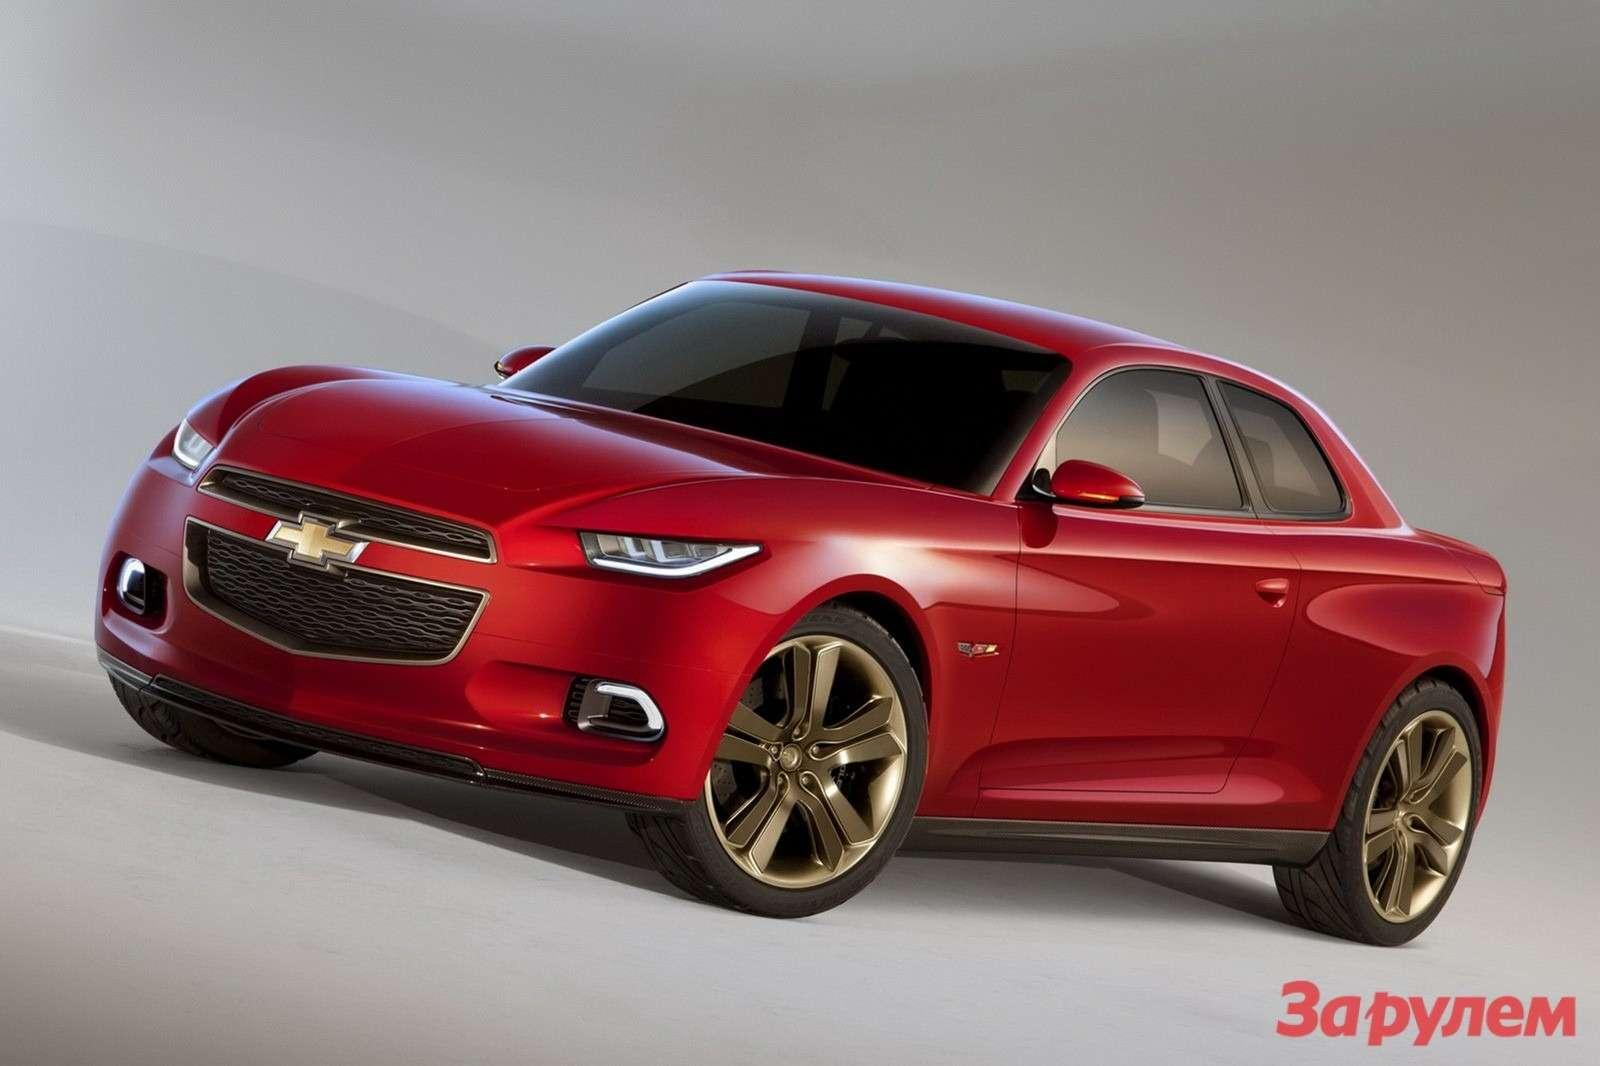 Chevrolet-Concepts-5[2]